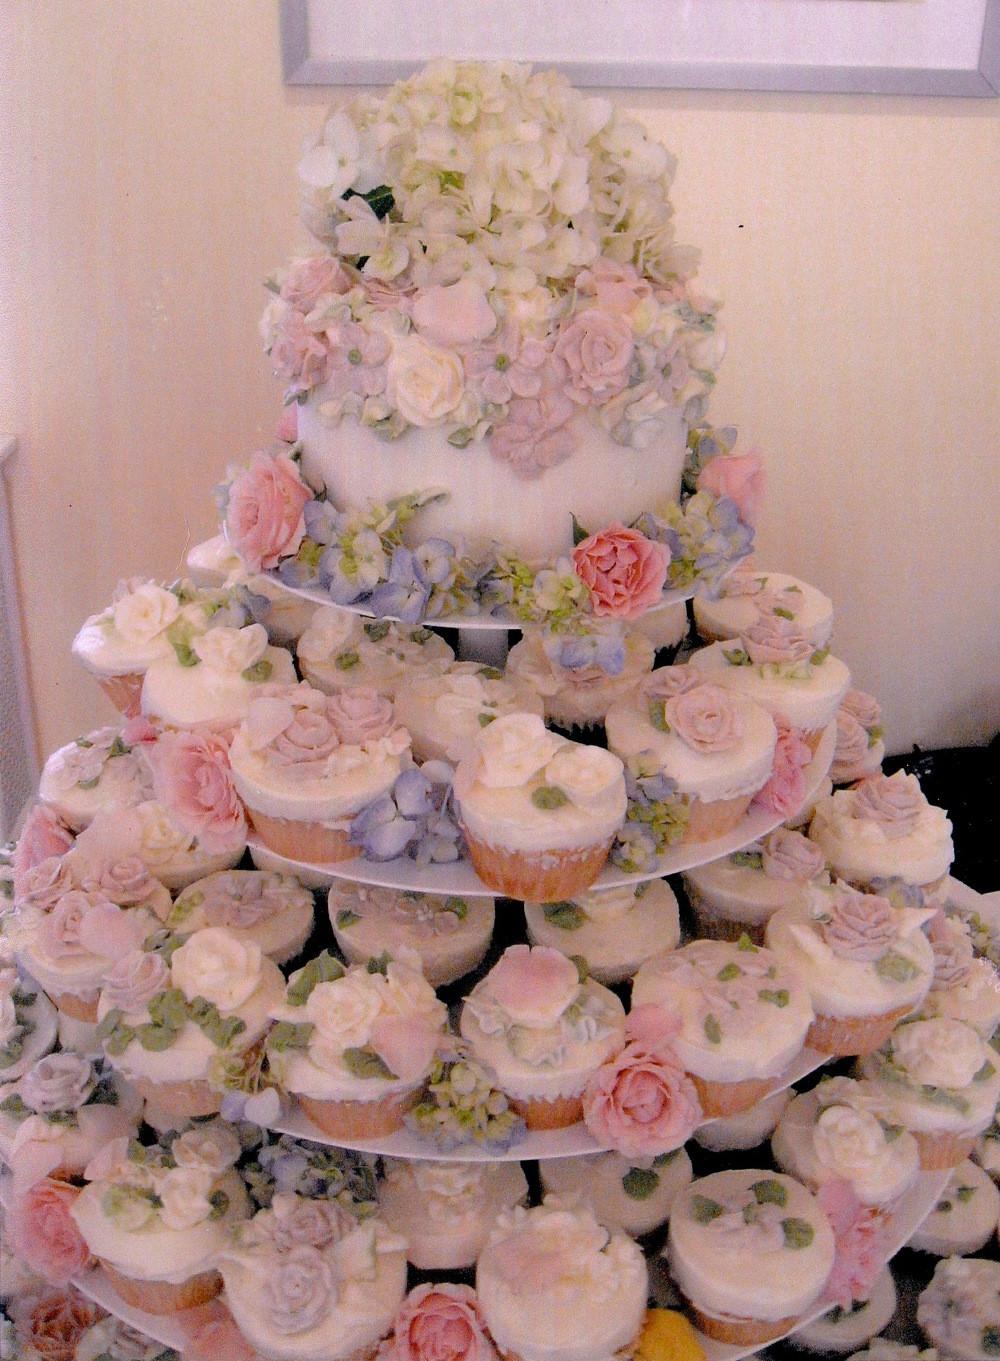 Wedding Cupcake Cakes  Cupcakes DC Bakery Bethesda MD Maryland Washington DC